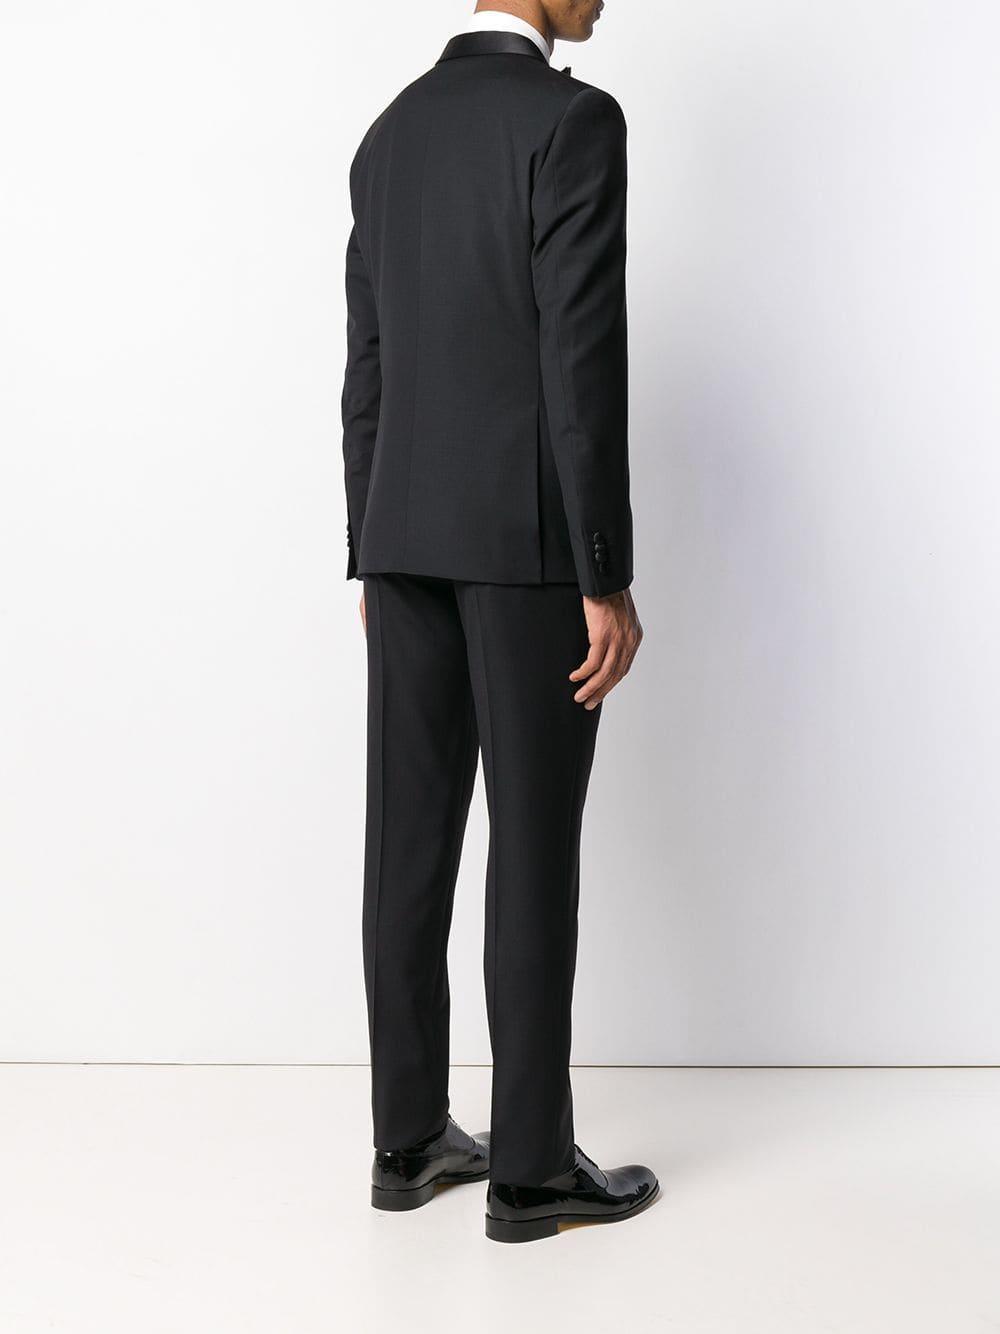 0170e78f6f83 Corneliani - Black Formal Dinner Suit for Men - Lyst. View fullscreen